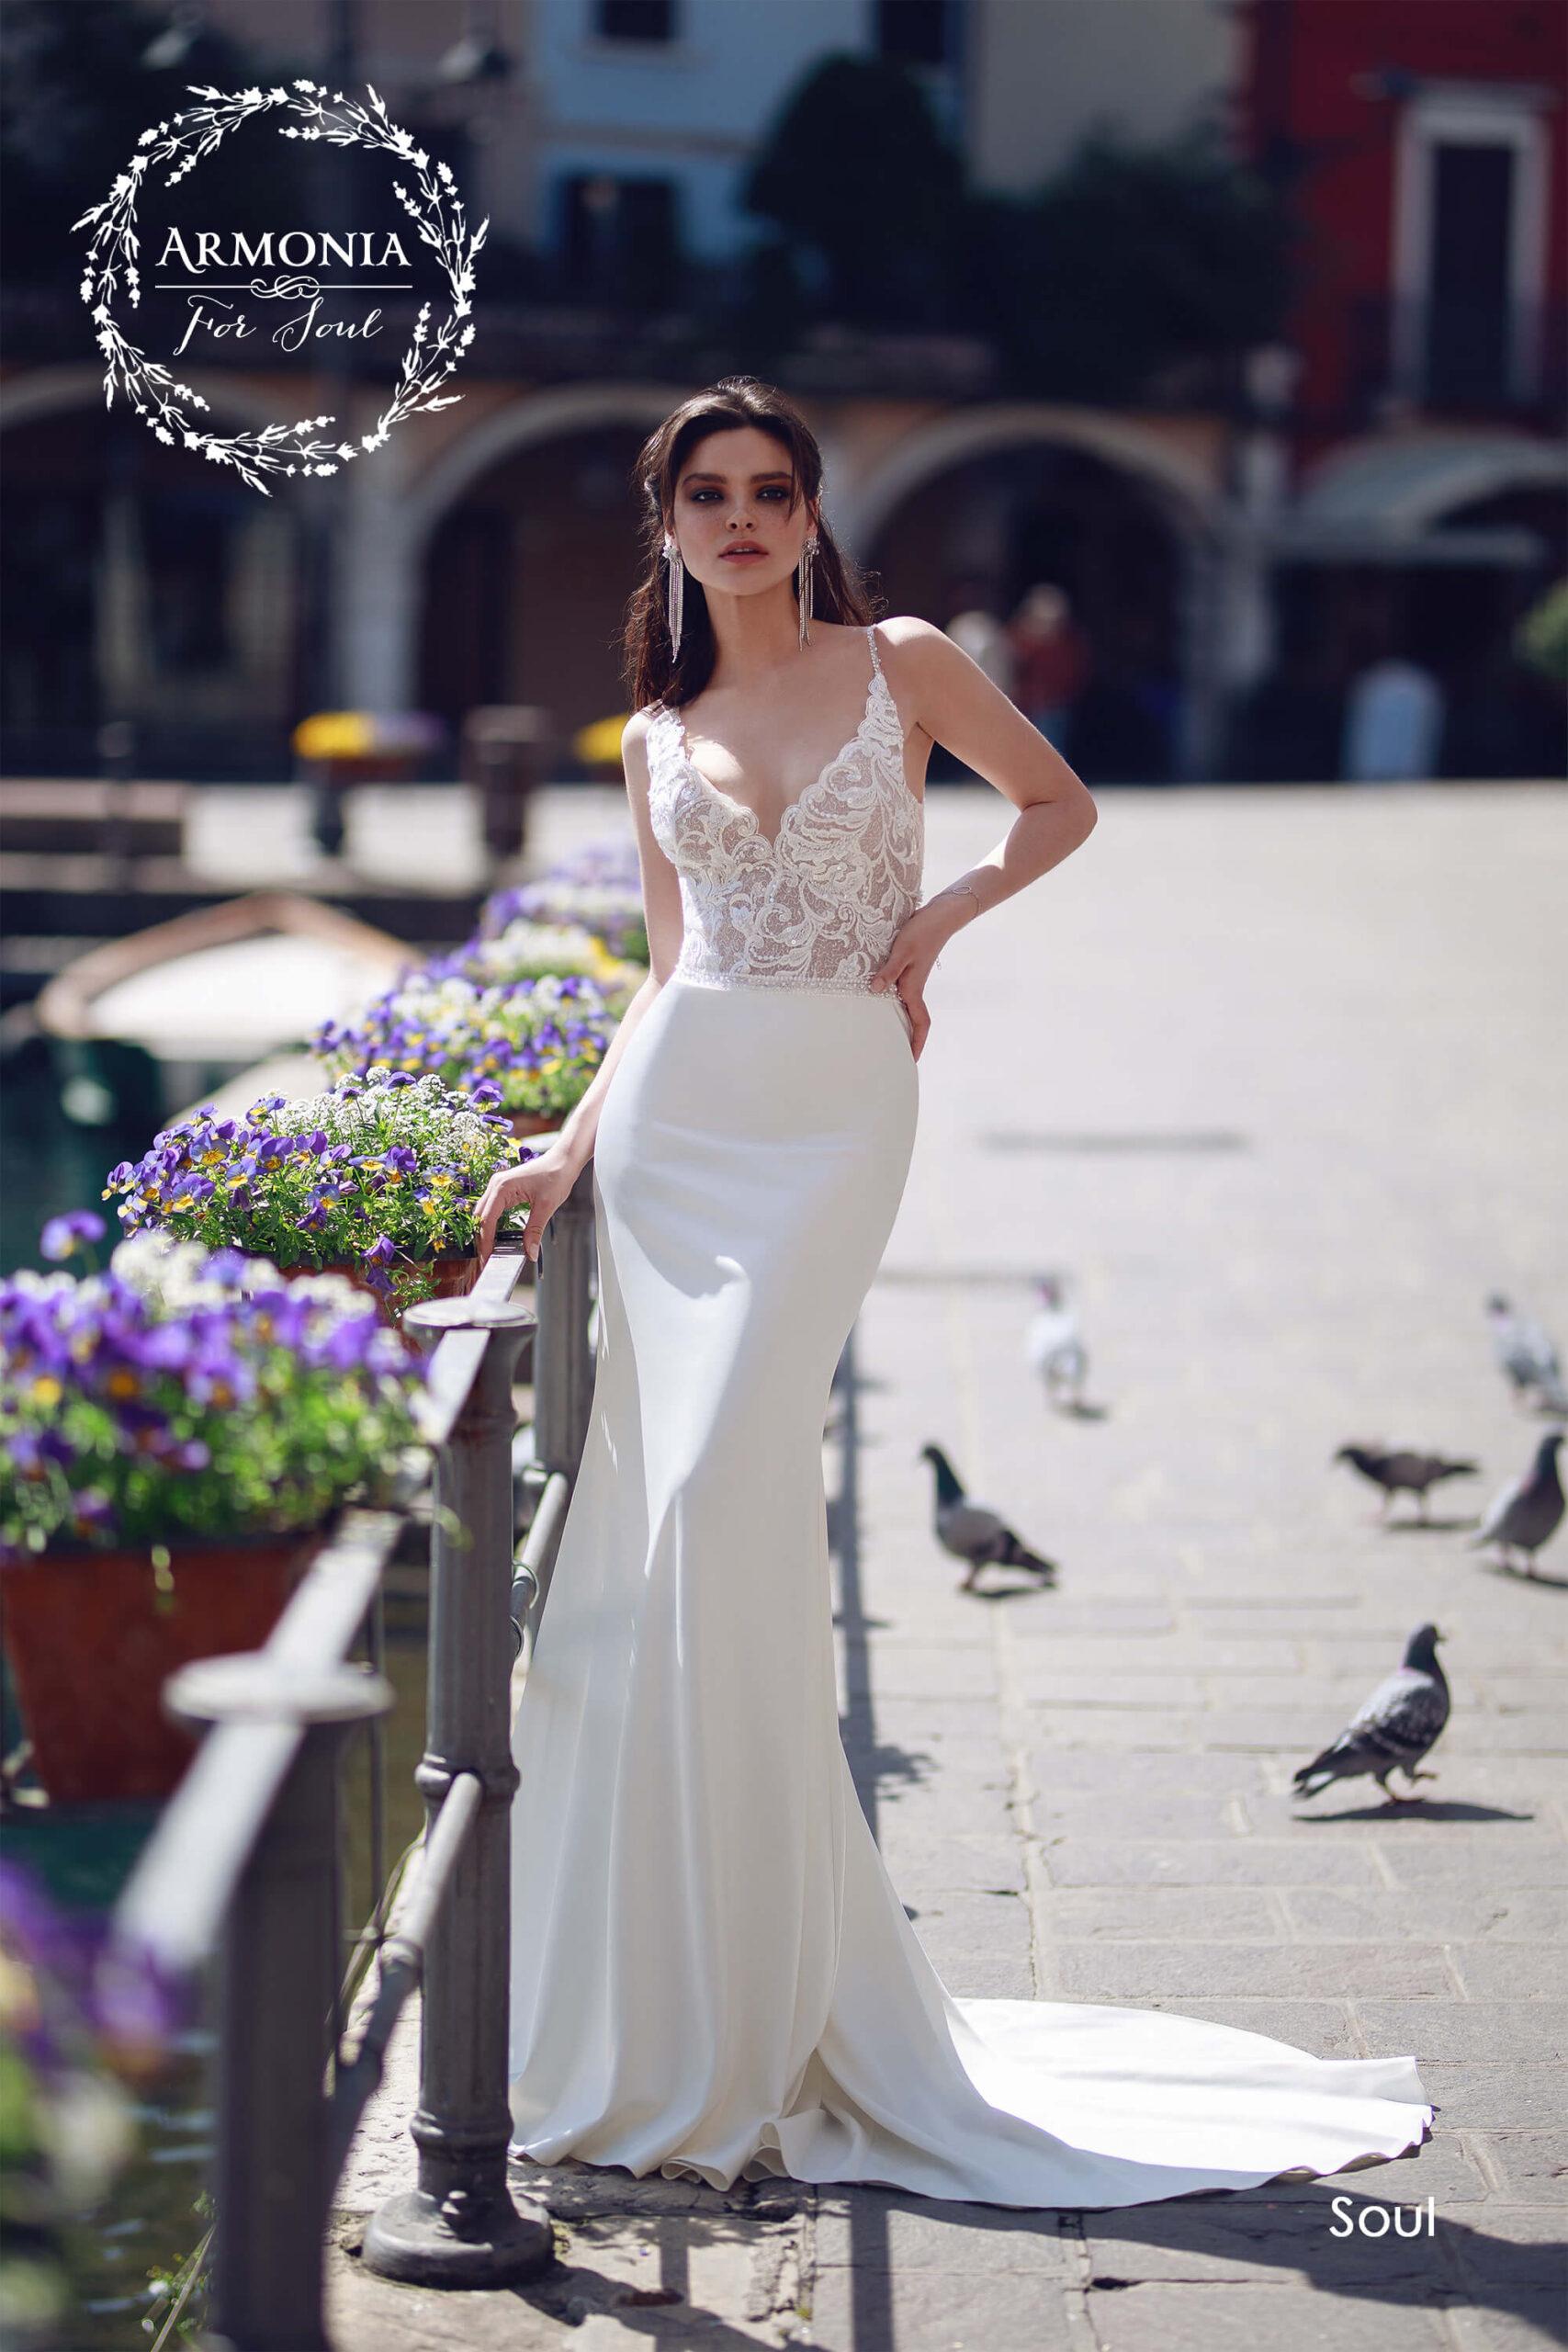 Весільна сукня Soul Armonia